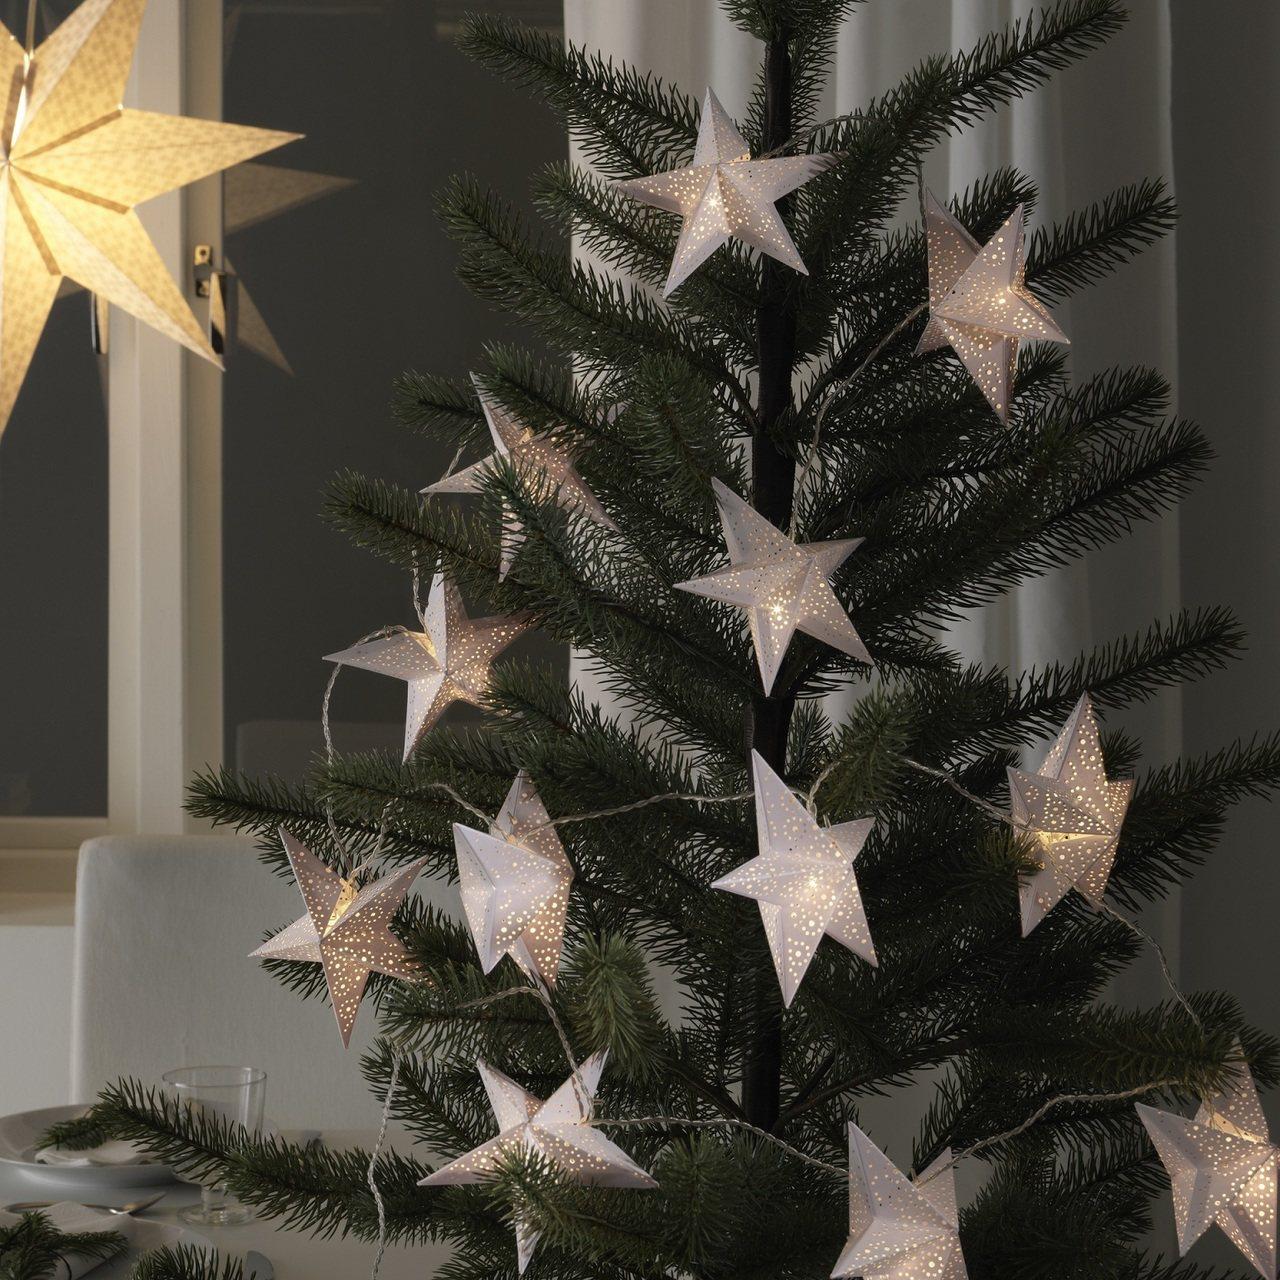 STRALA燈串飾品可纏繞在耶誕樹上或是垂掛在窗簾旁。圖/IKEA提供